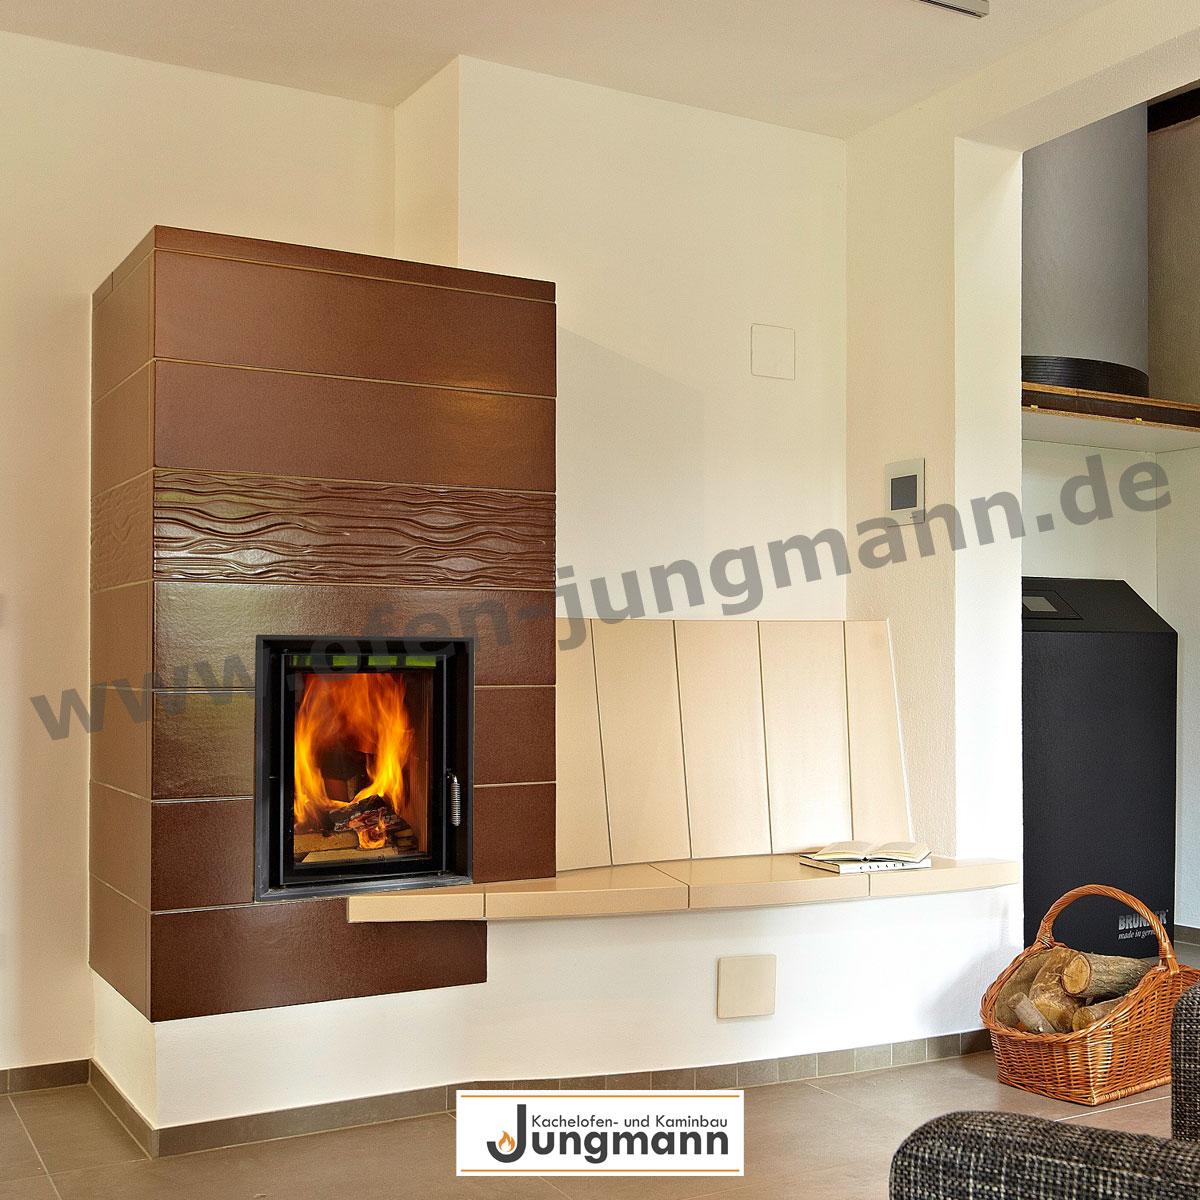 kachel fen in gro er auswahl in boke kachelofen jungmann. Black Bedroom Furniture Sets. Home Design Ideas